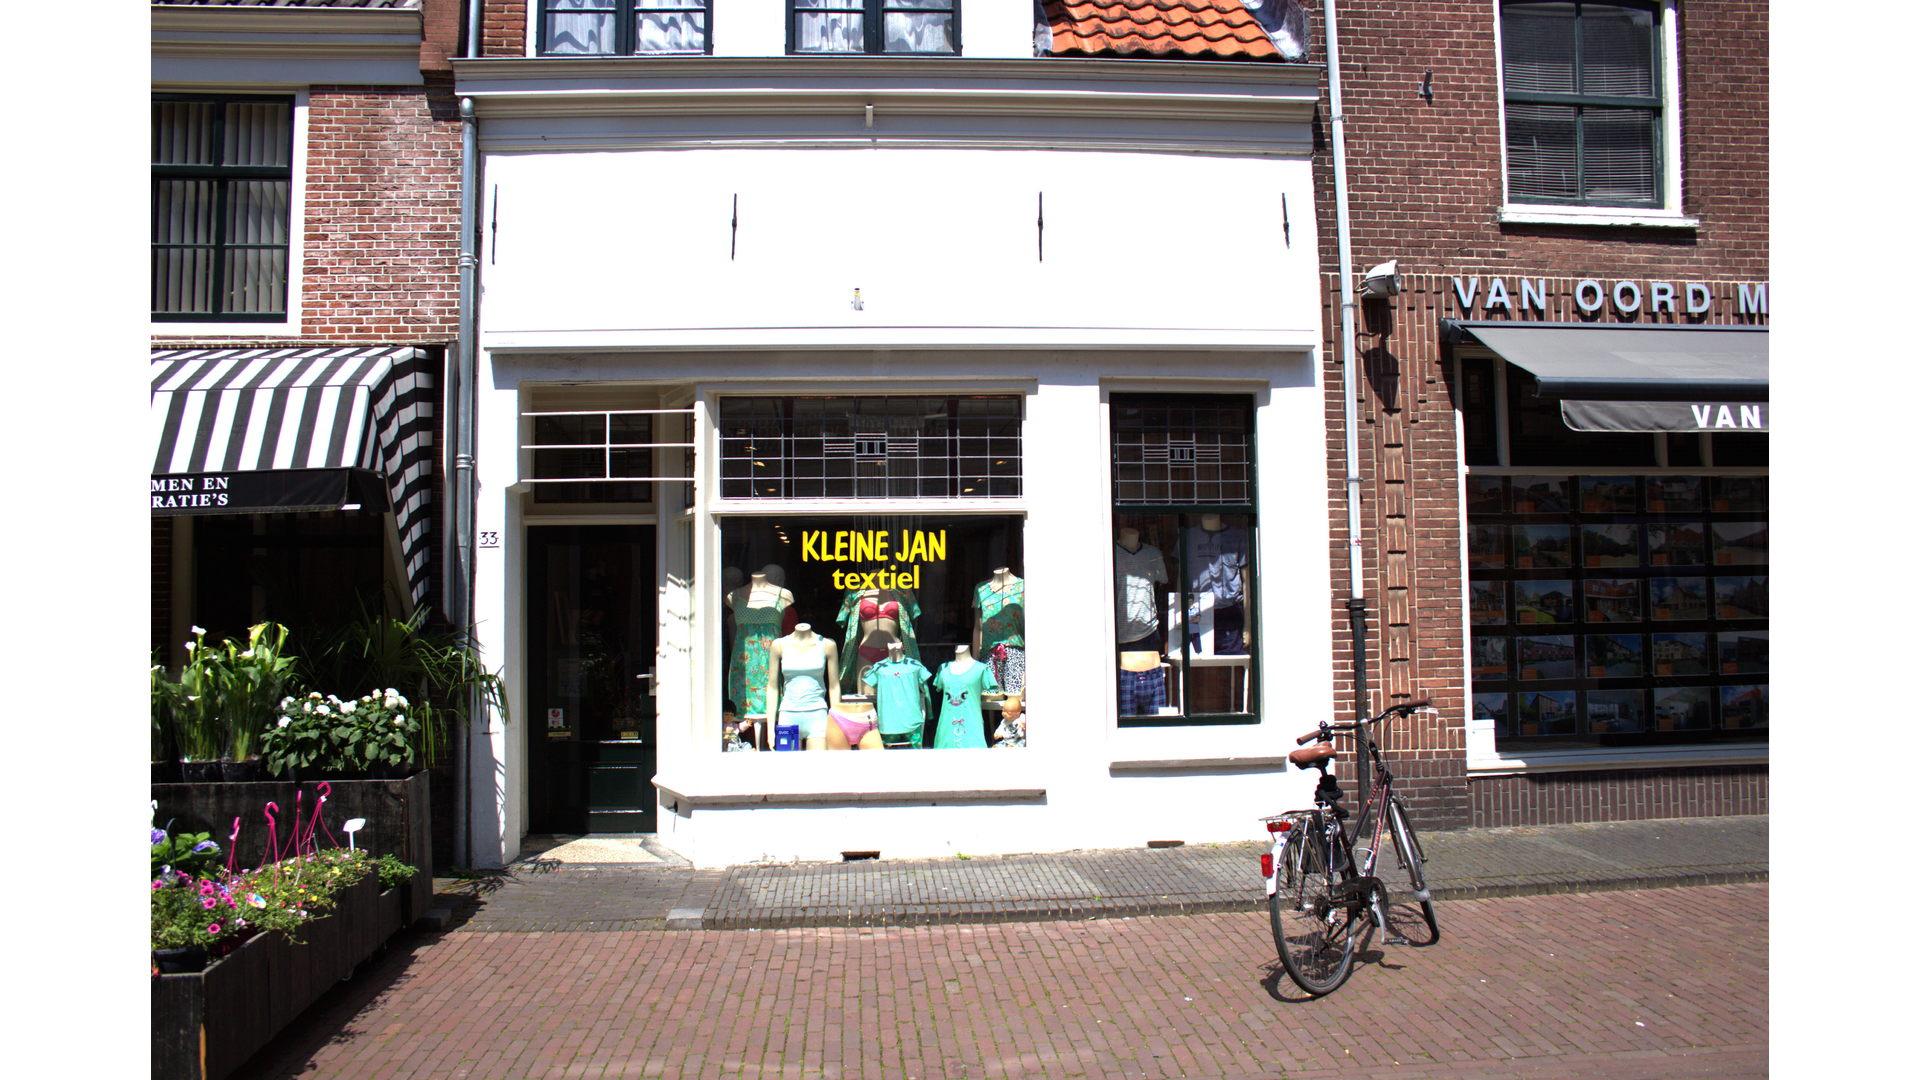 Klein Jan Textiel